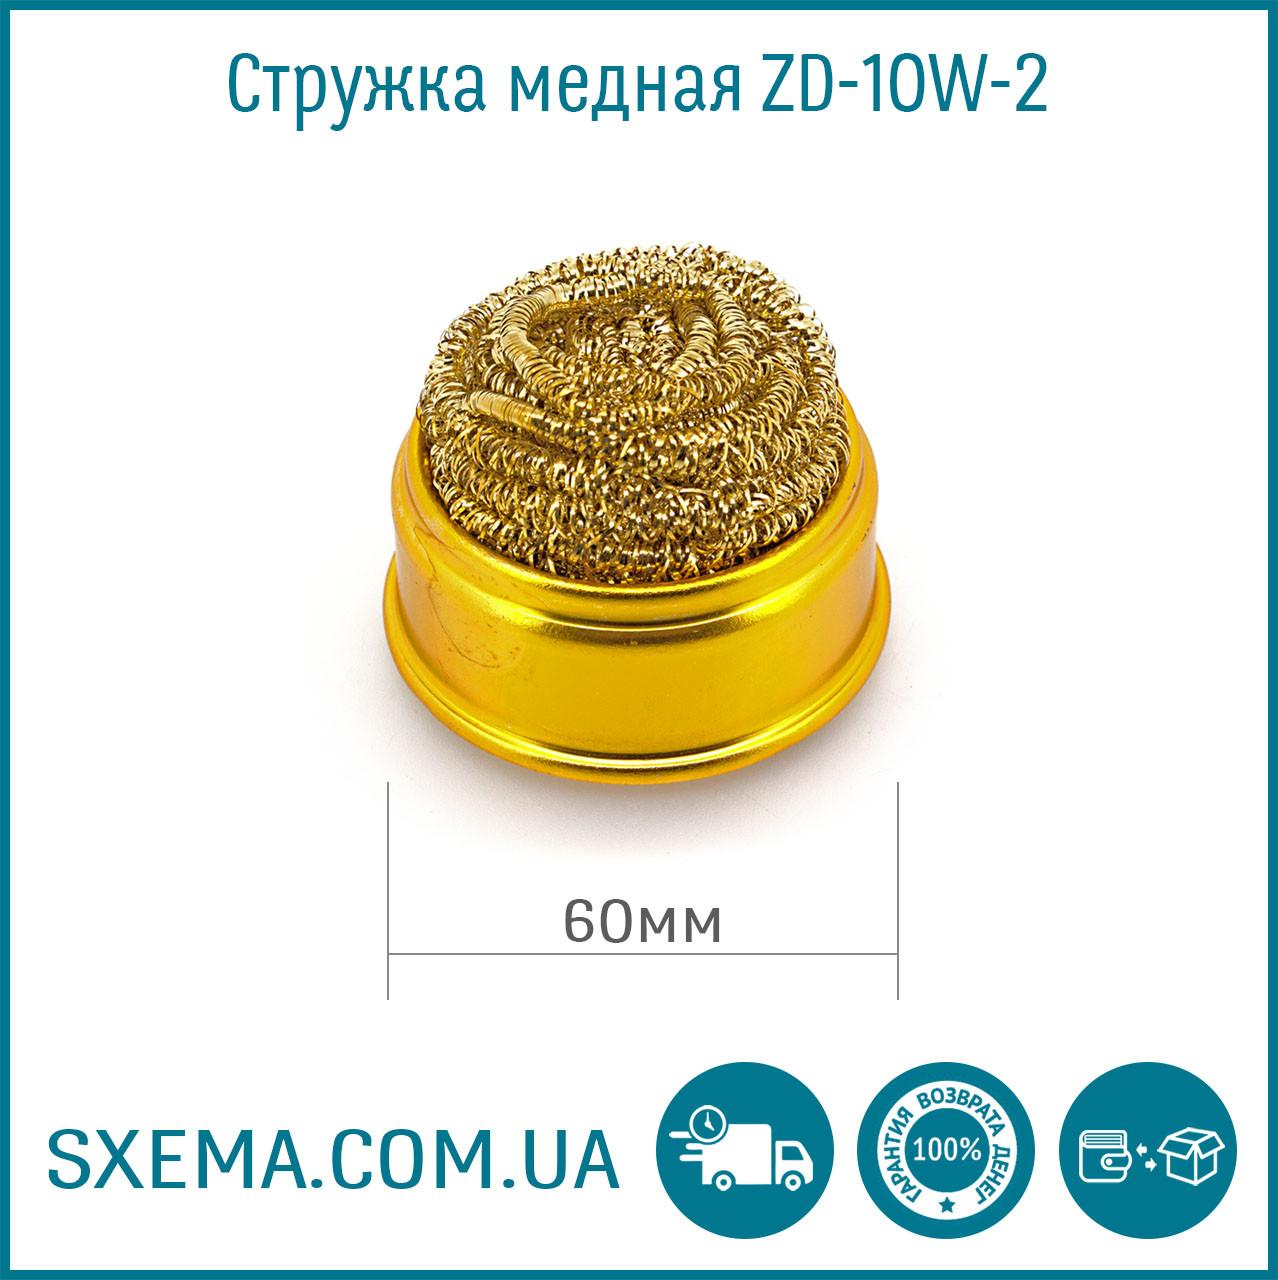 Мідна Стружка для очищення жала з ванночкою ZD-10W-2